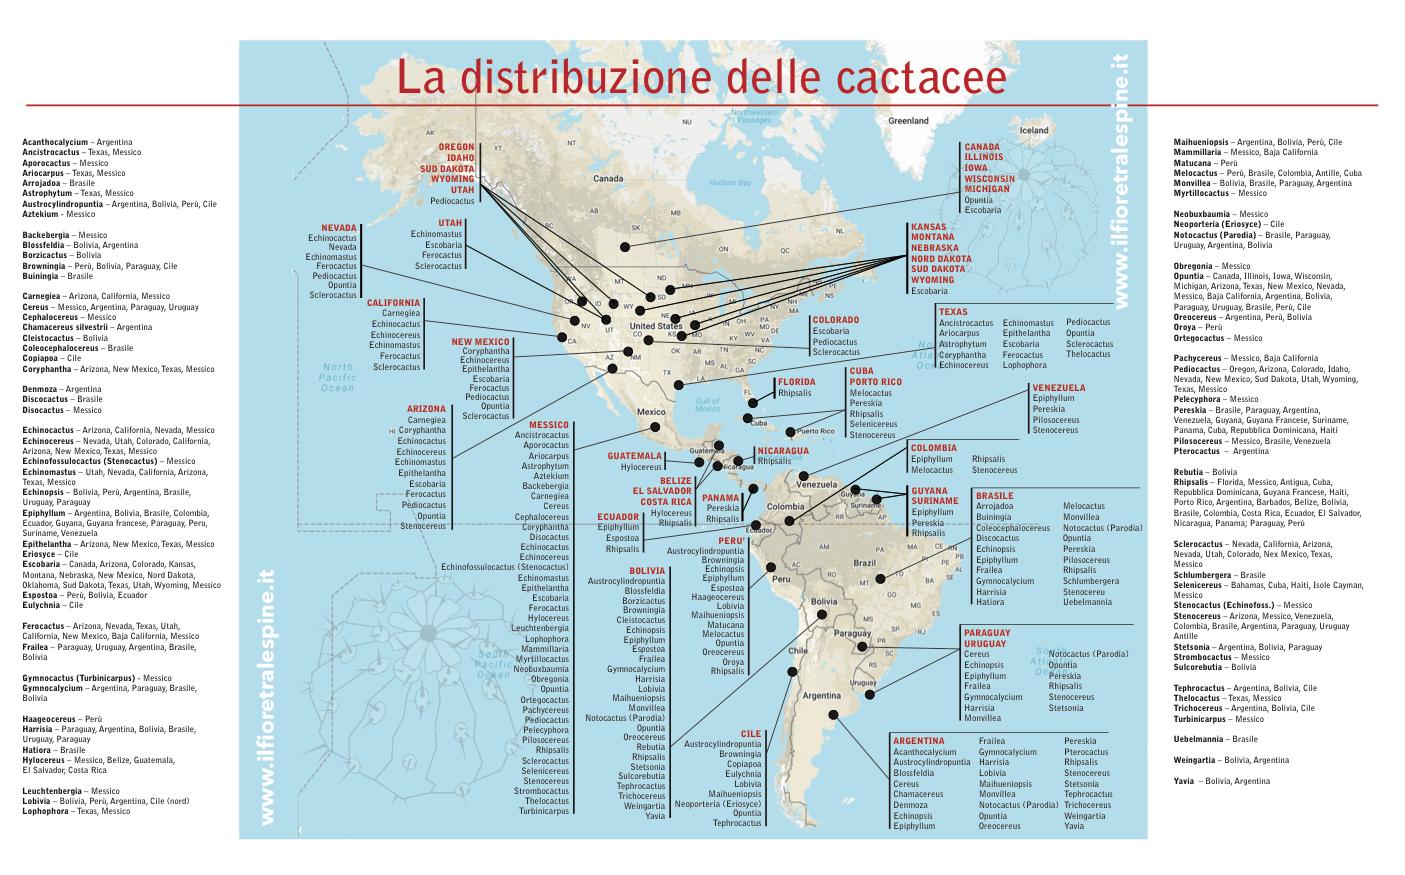 Mappa distribuzione cactus